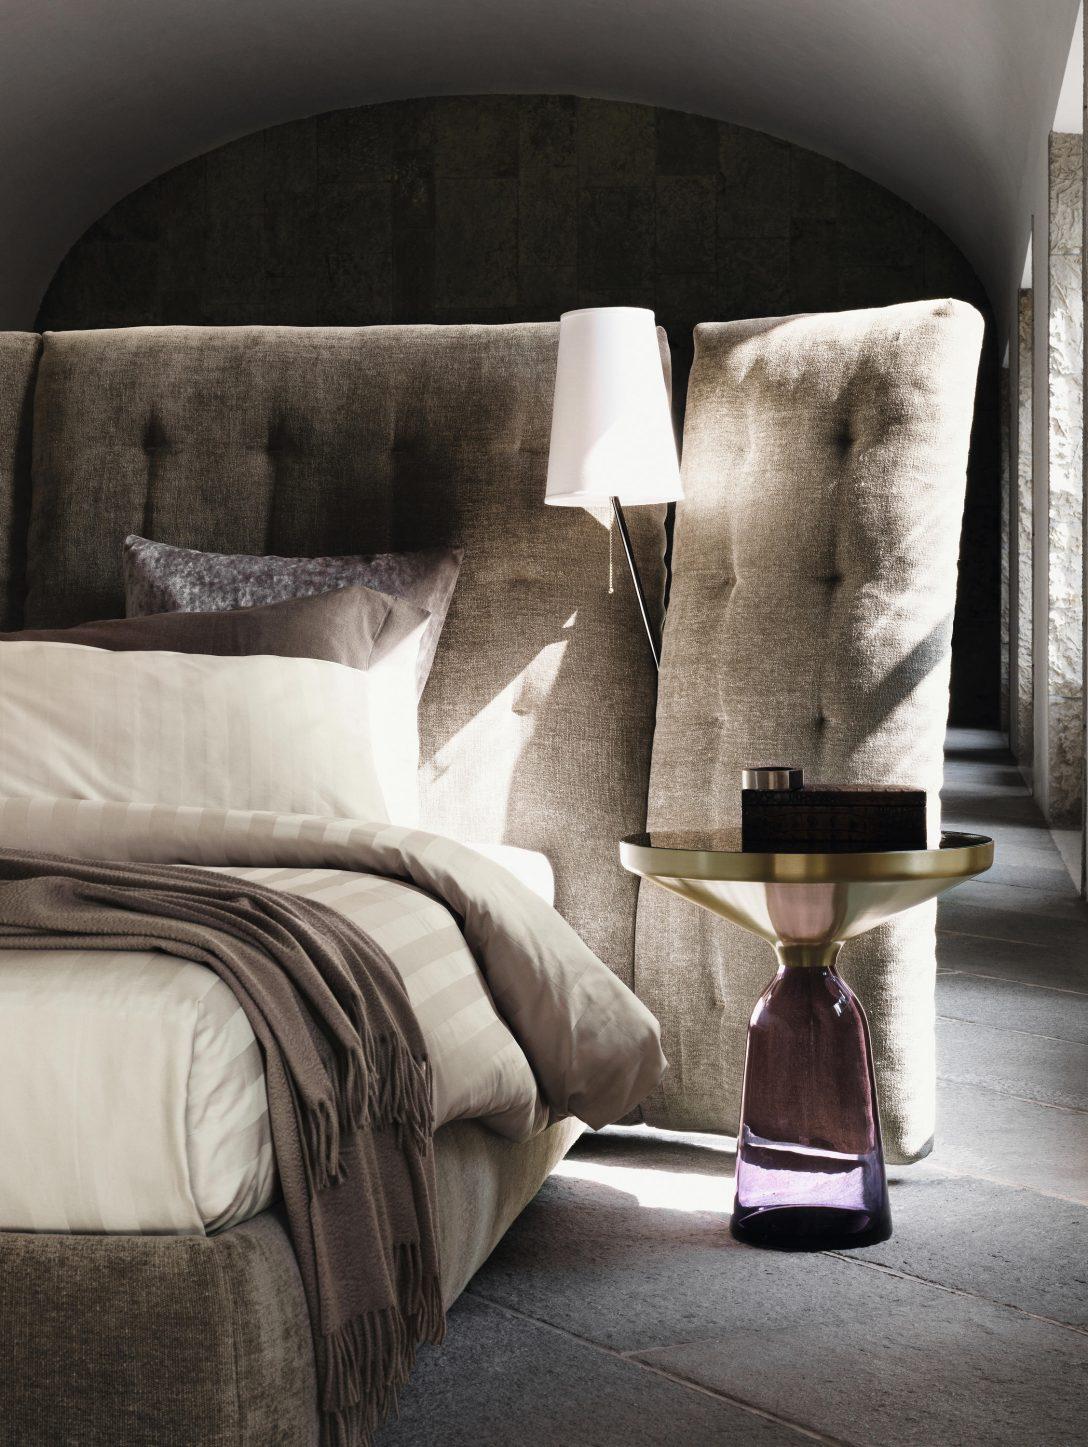 Large Size of Bett Mit Hohem Kopfteil Angle Gestepptes Architonic Metall Sofa Boxen Rauch Betten 140 X 200 Minimalistisch Stauraum 160x200 Schlafzimmer überbau 140x220 Bett Bett Mit Hohem Kopfteil